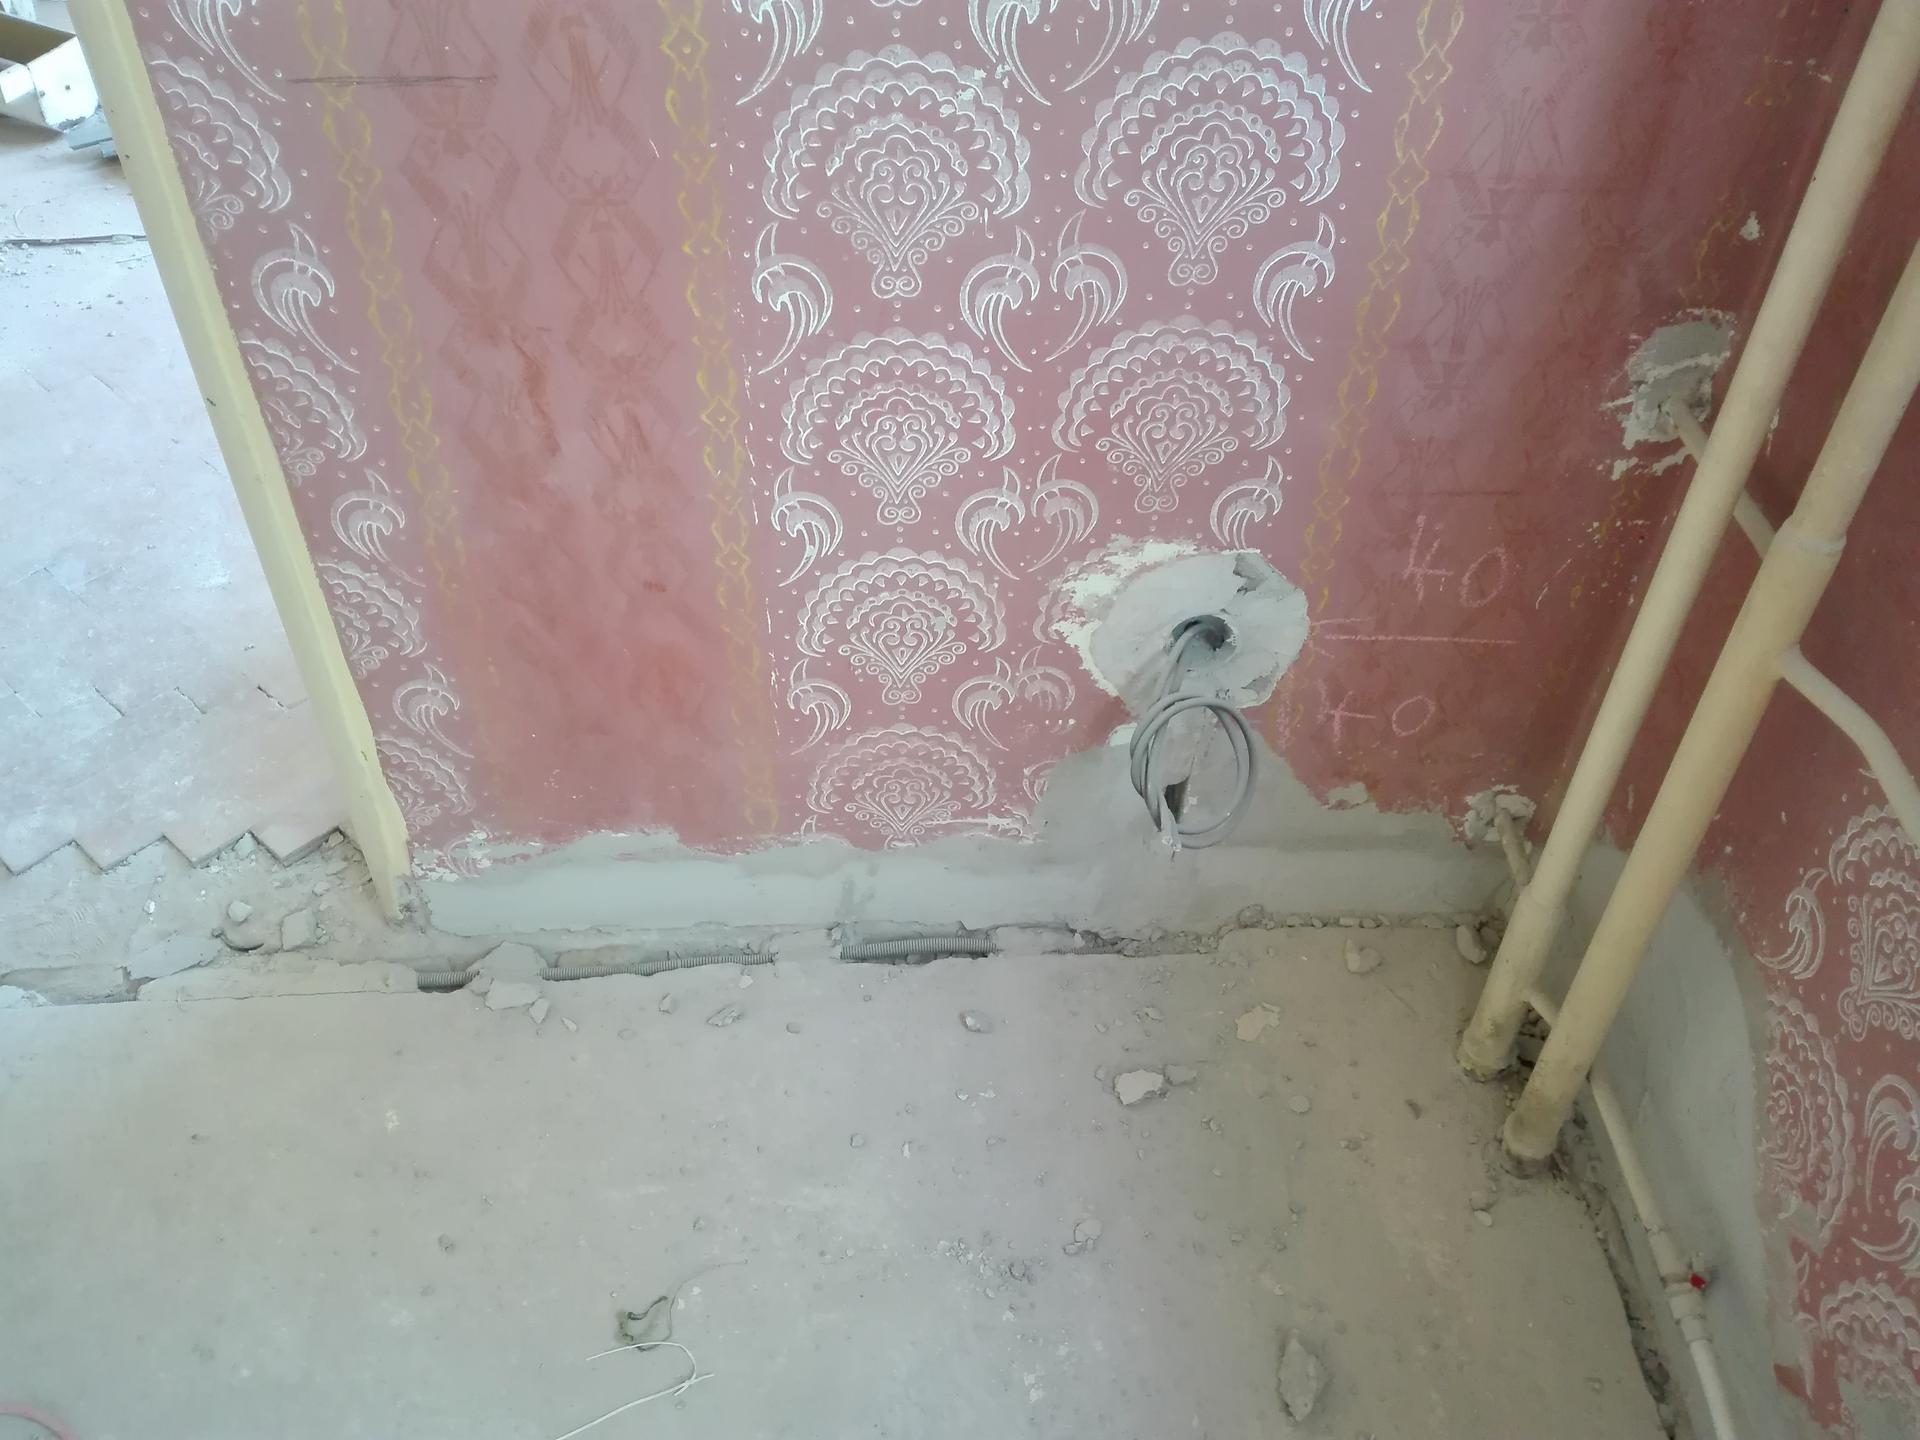 Kompletná rekonštrukcia bytu - Obrázok č. 100